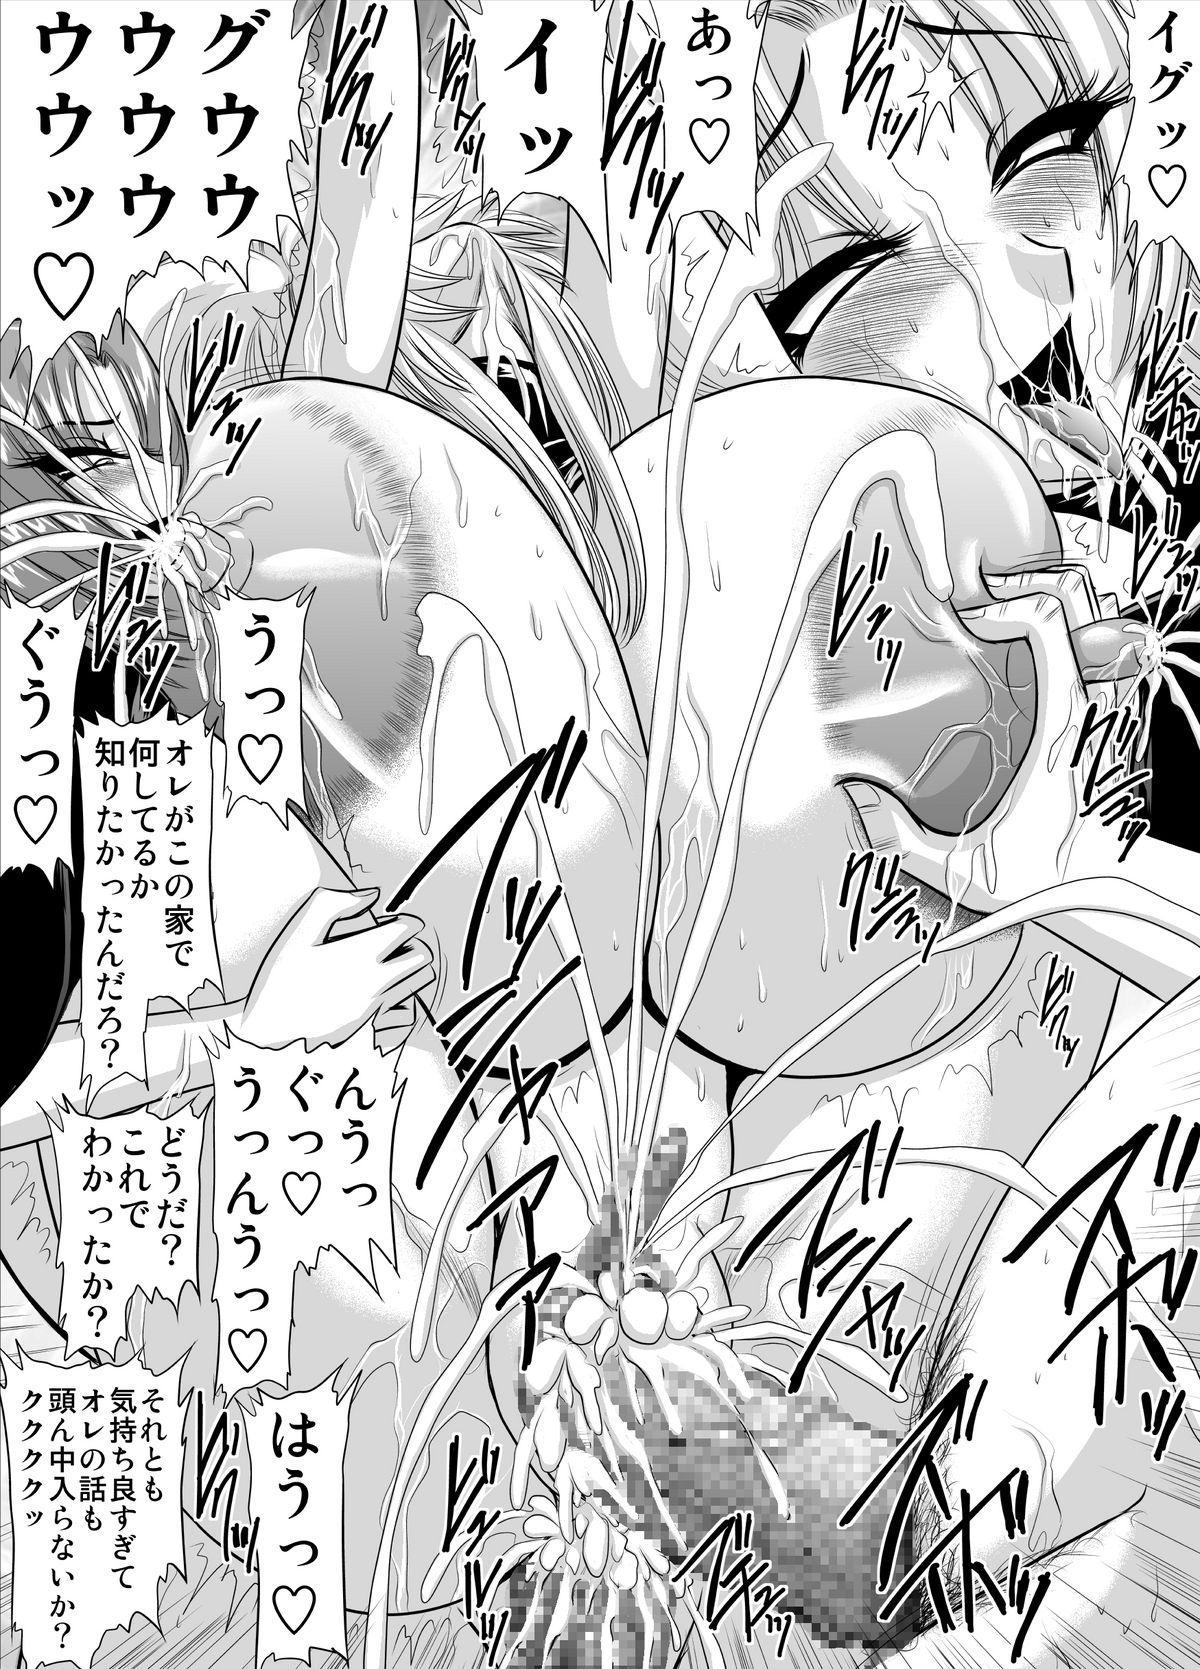 Keiyaku Sei Dorei Bakunyuu Kyoushi Sayaka 12 6